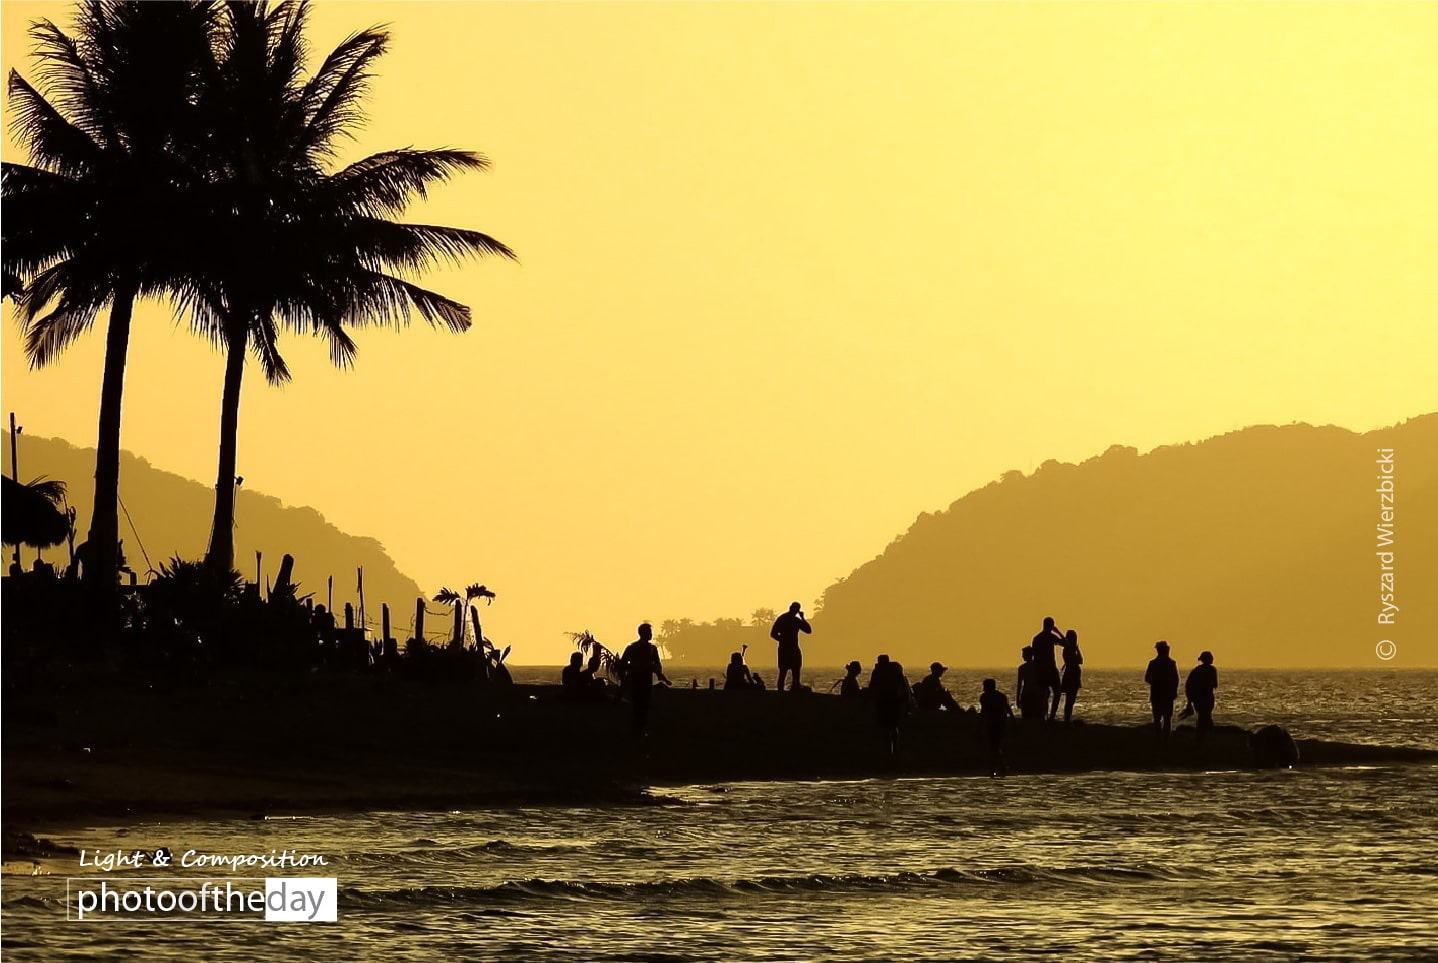 Peninsula Sunset by Ryszard Wierzbicki